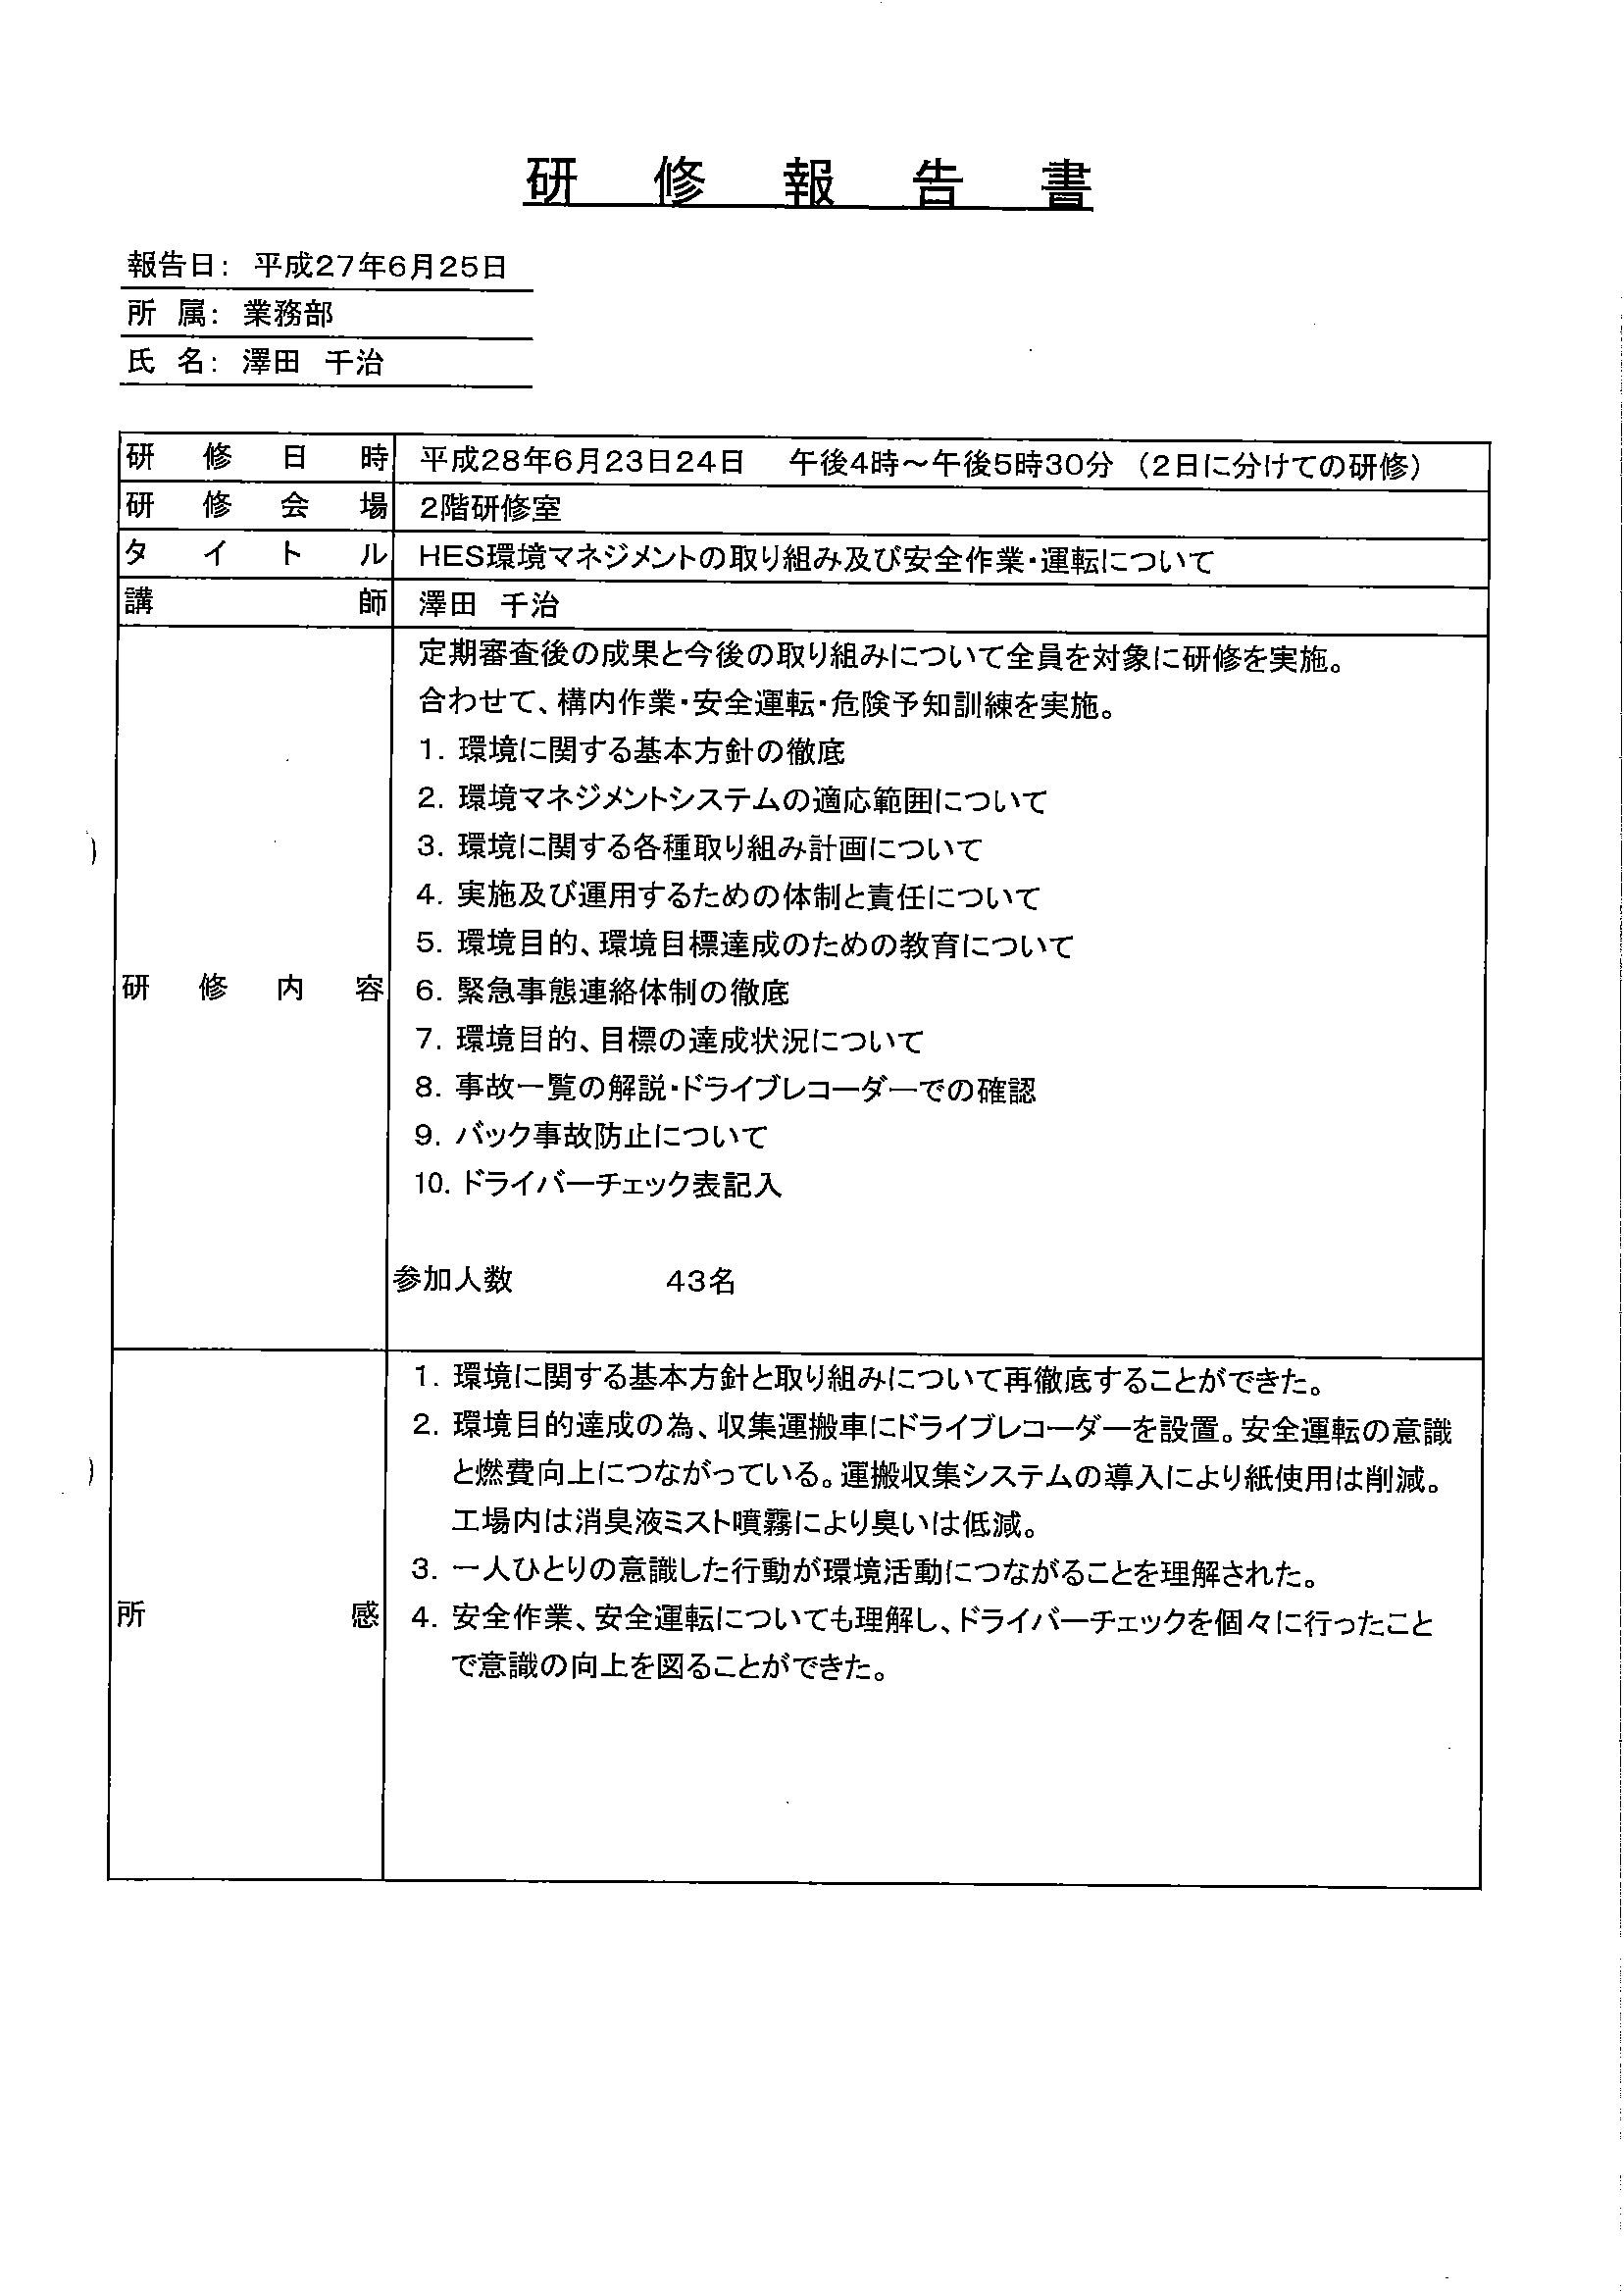 ファイル 21-5.jpg